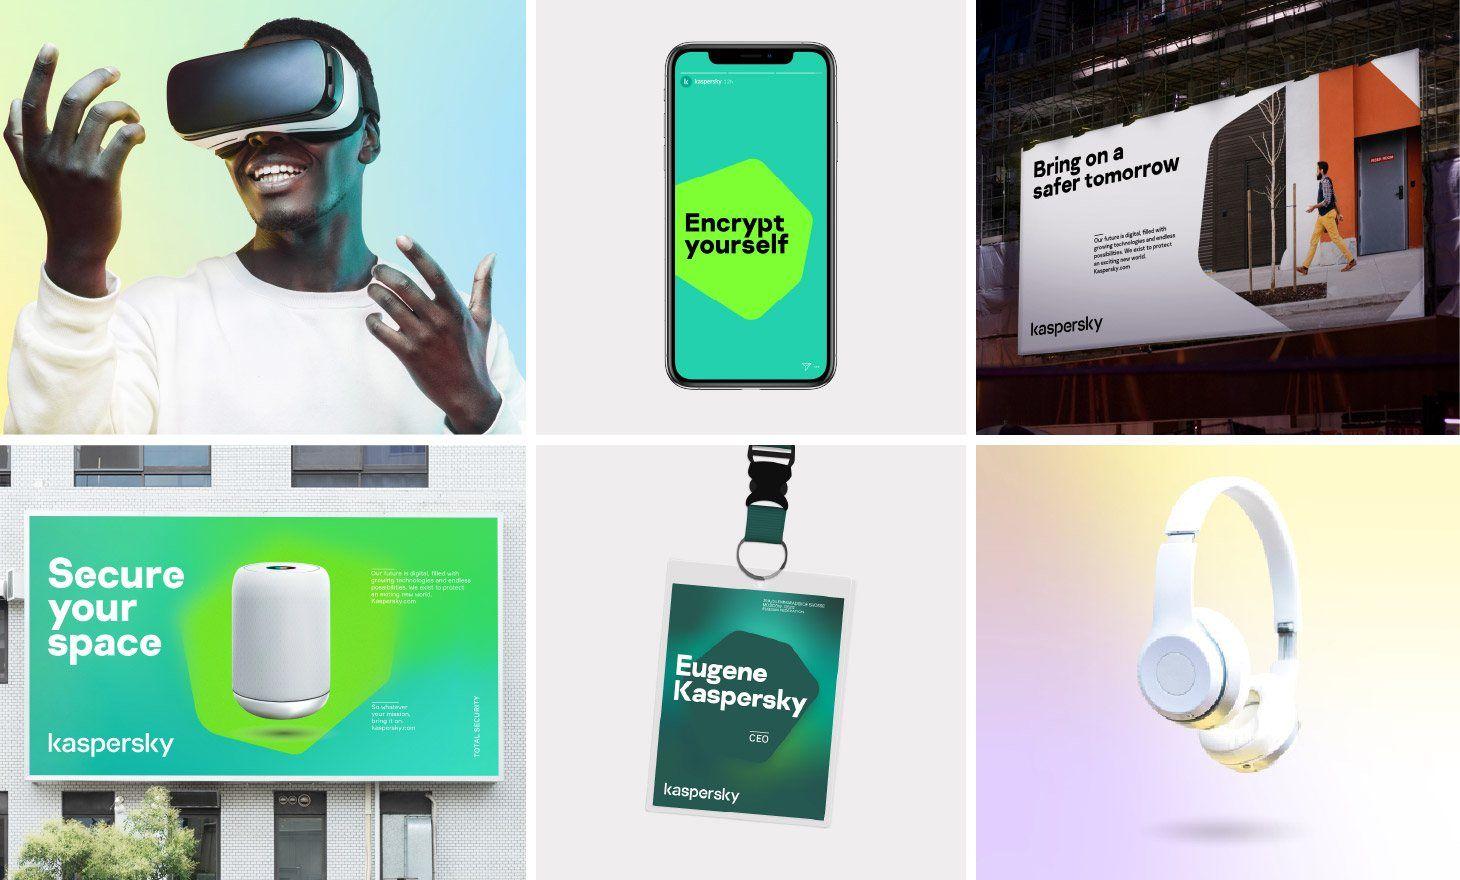 Kaspersky's nieuwe merk